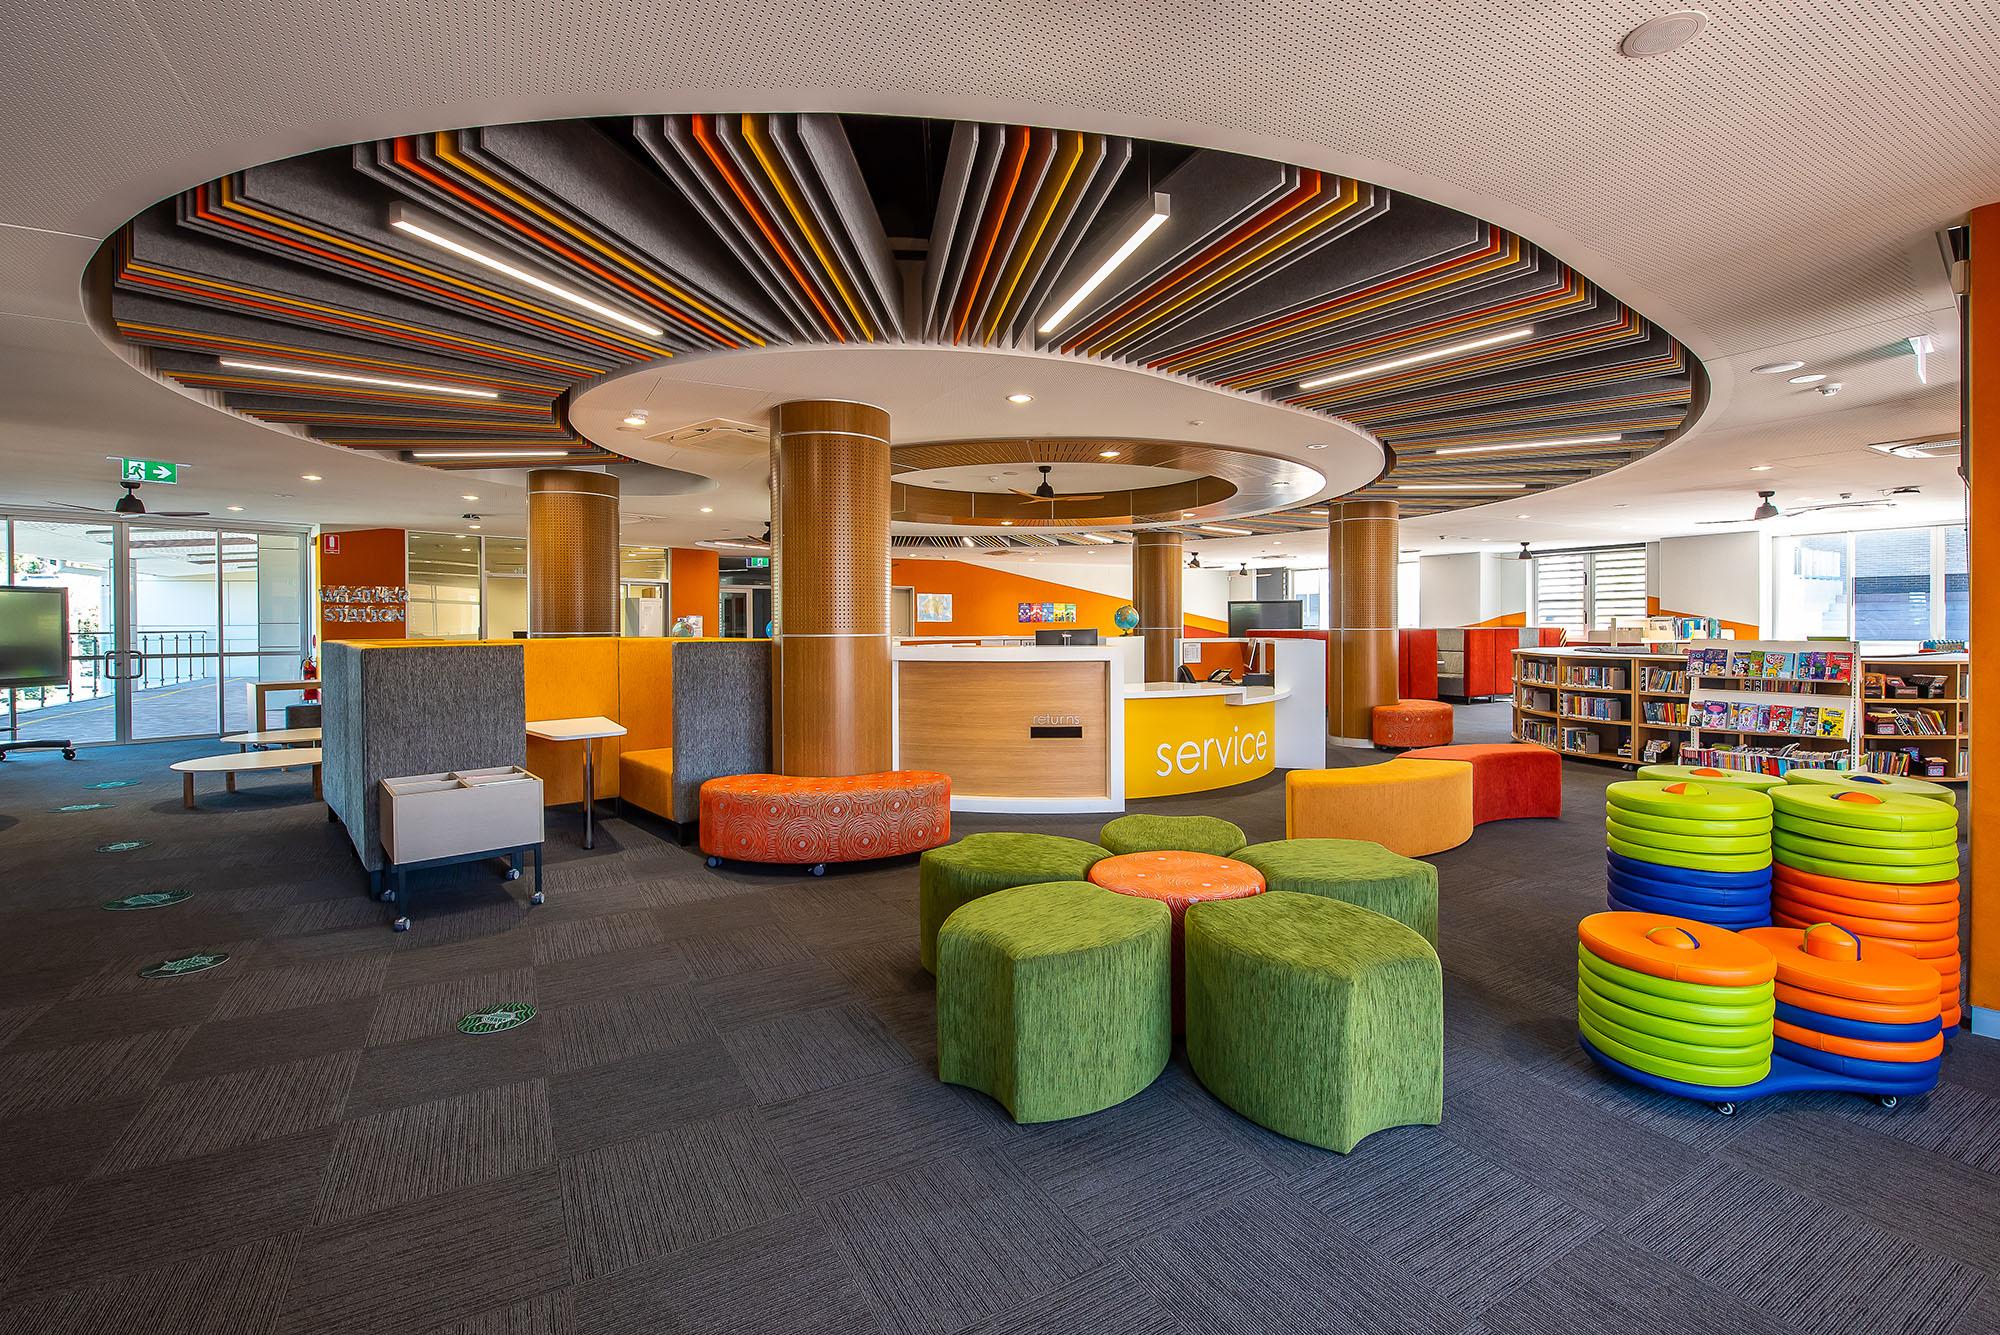 Excelsior Public School Architecture Interior View – Gardner Wetherill GW 6